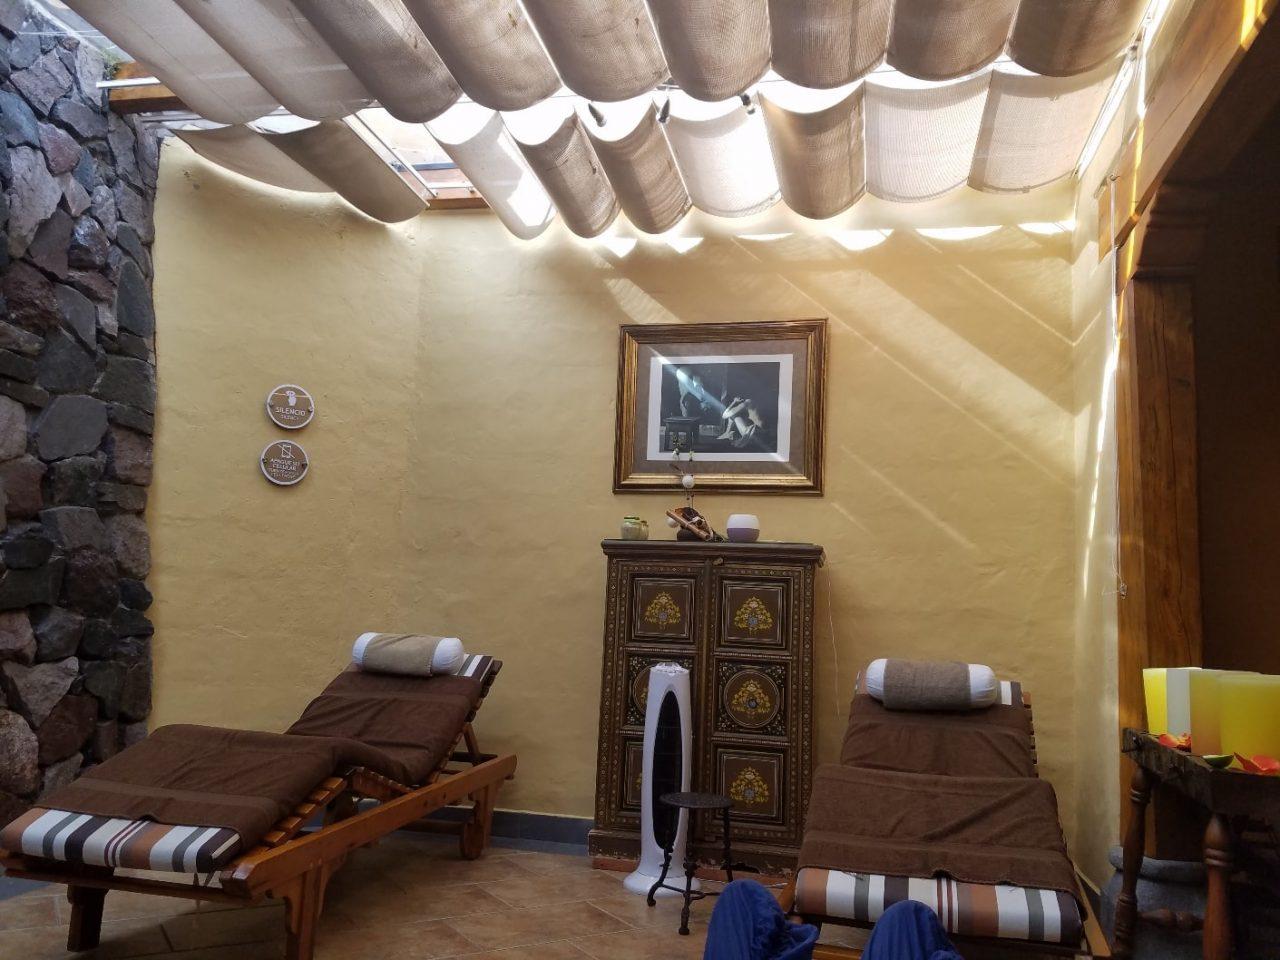 papallacta hot springs trip, papallacta tour from quito, quito to papallacta hot springs, ecuatouring